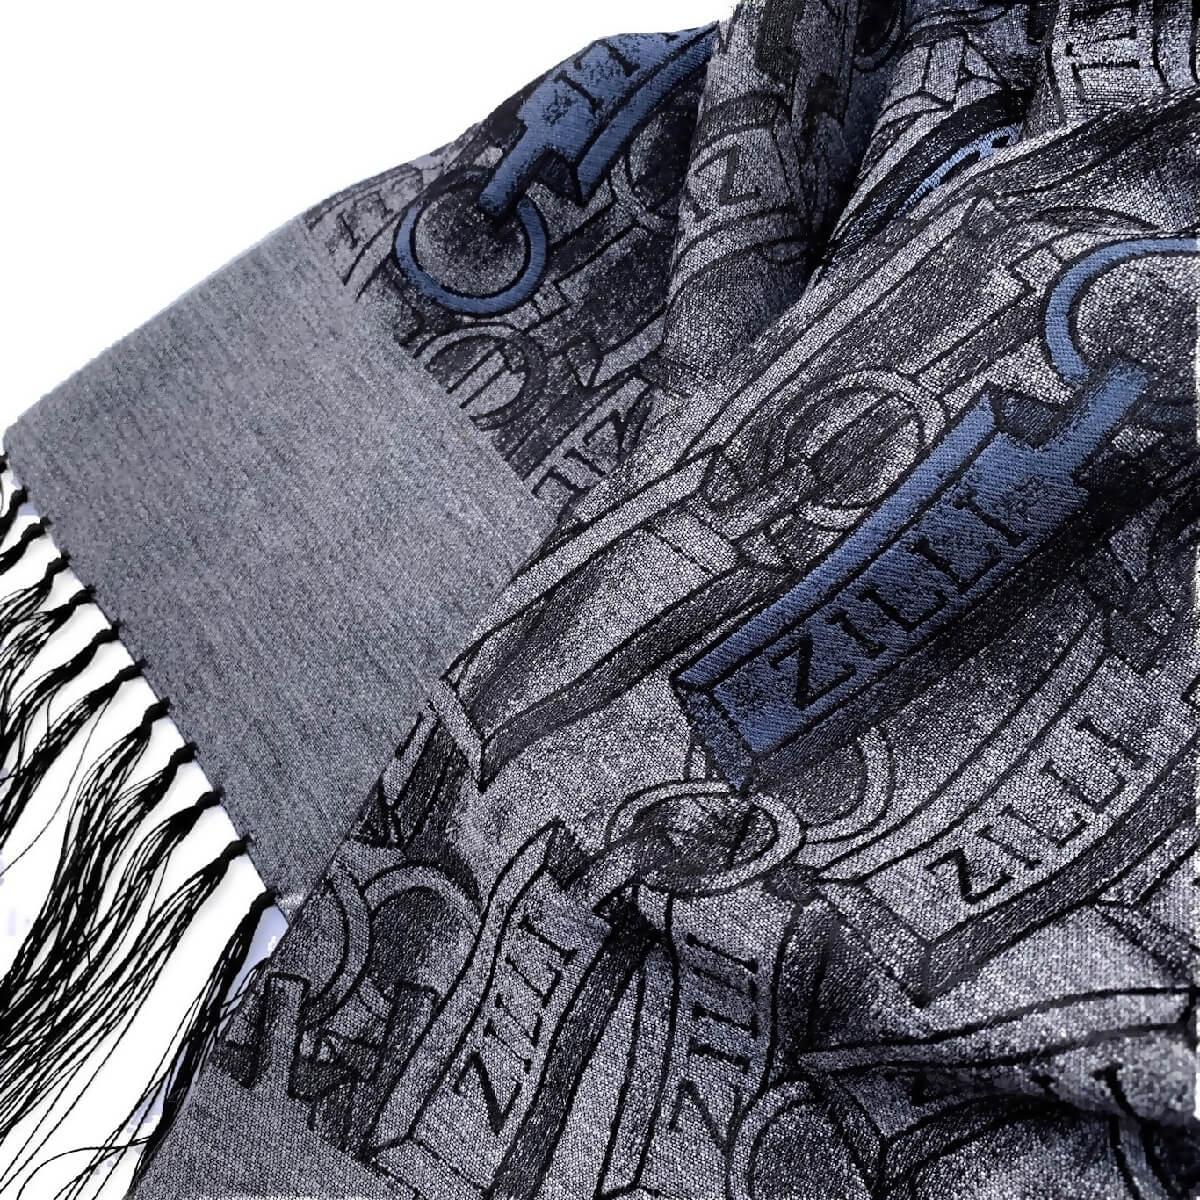 ZILLI (ジリー)マフラー メンズ レディース ブランド ZILLI ジリー シルク カシミア チャコールグレー 高級